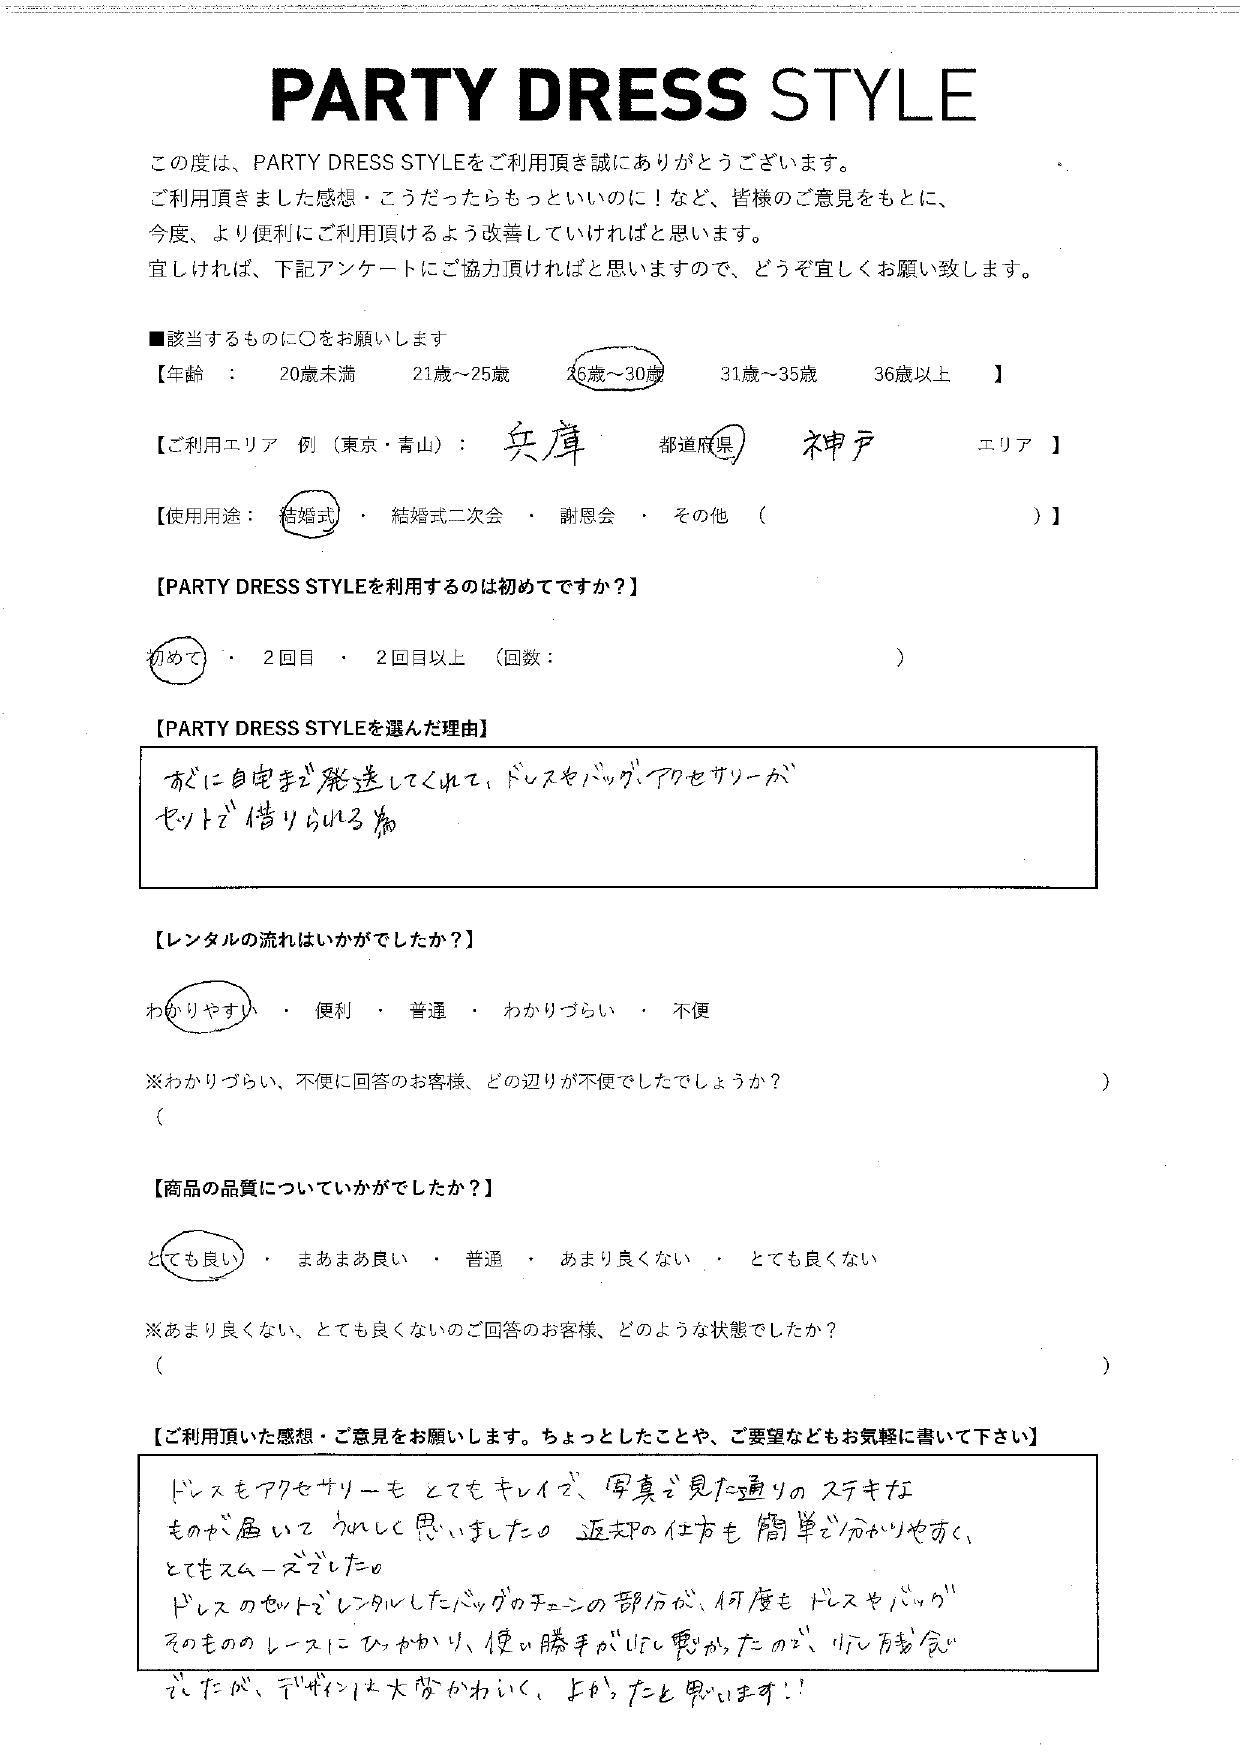 8/14結婚式ご利用 兵庫・神戸エリア